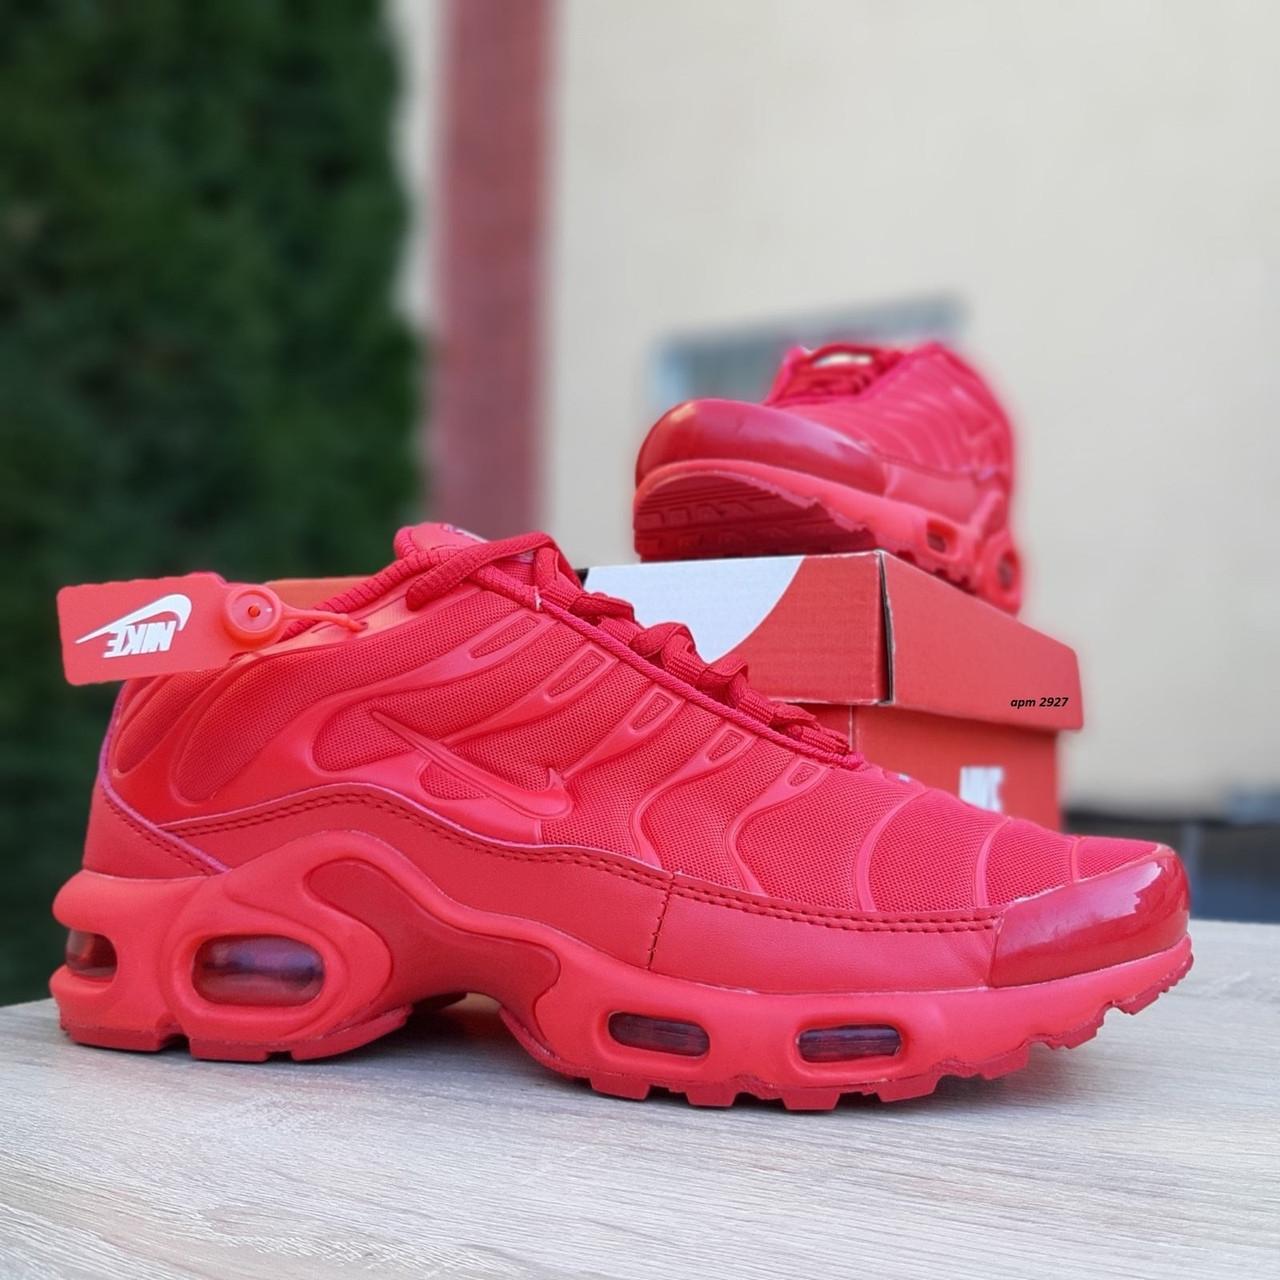 Кроссовки распродажа АКЦИЯ последние размеры 750 грн Nike TN Plus красные полностью38й(24см) люкс копия